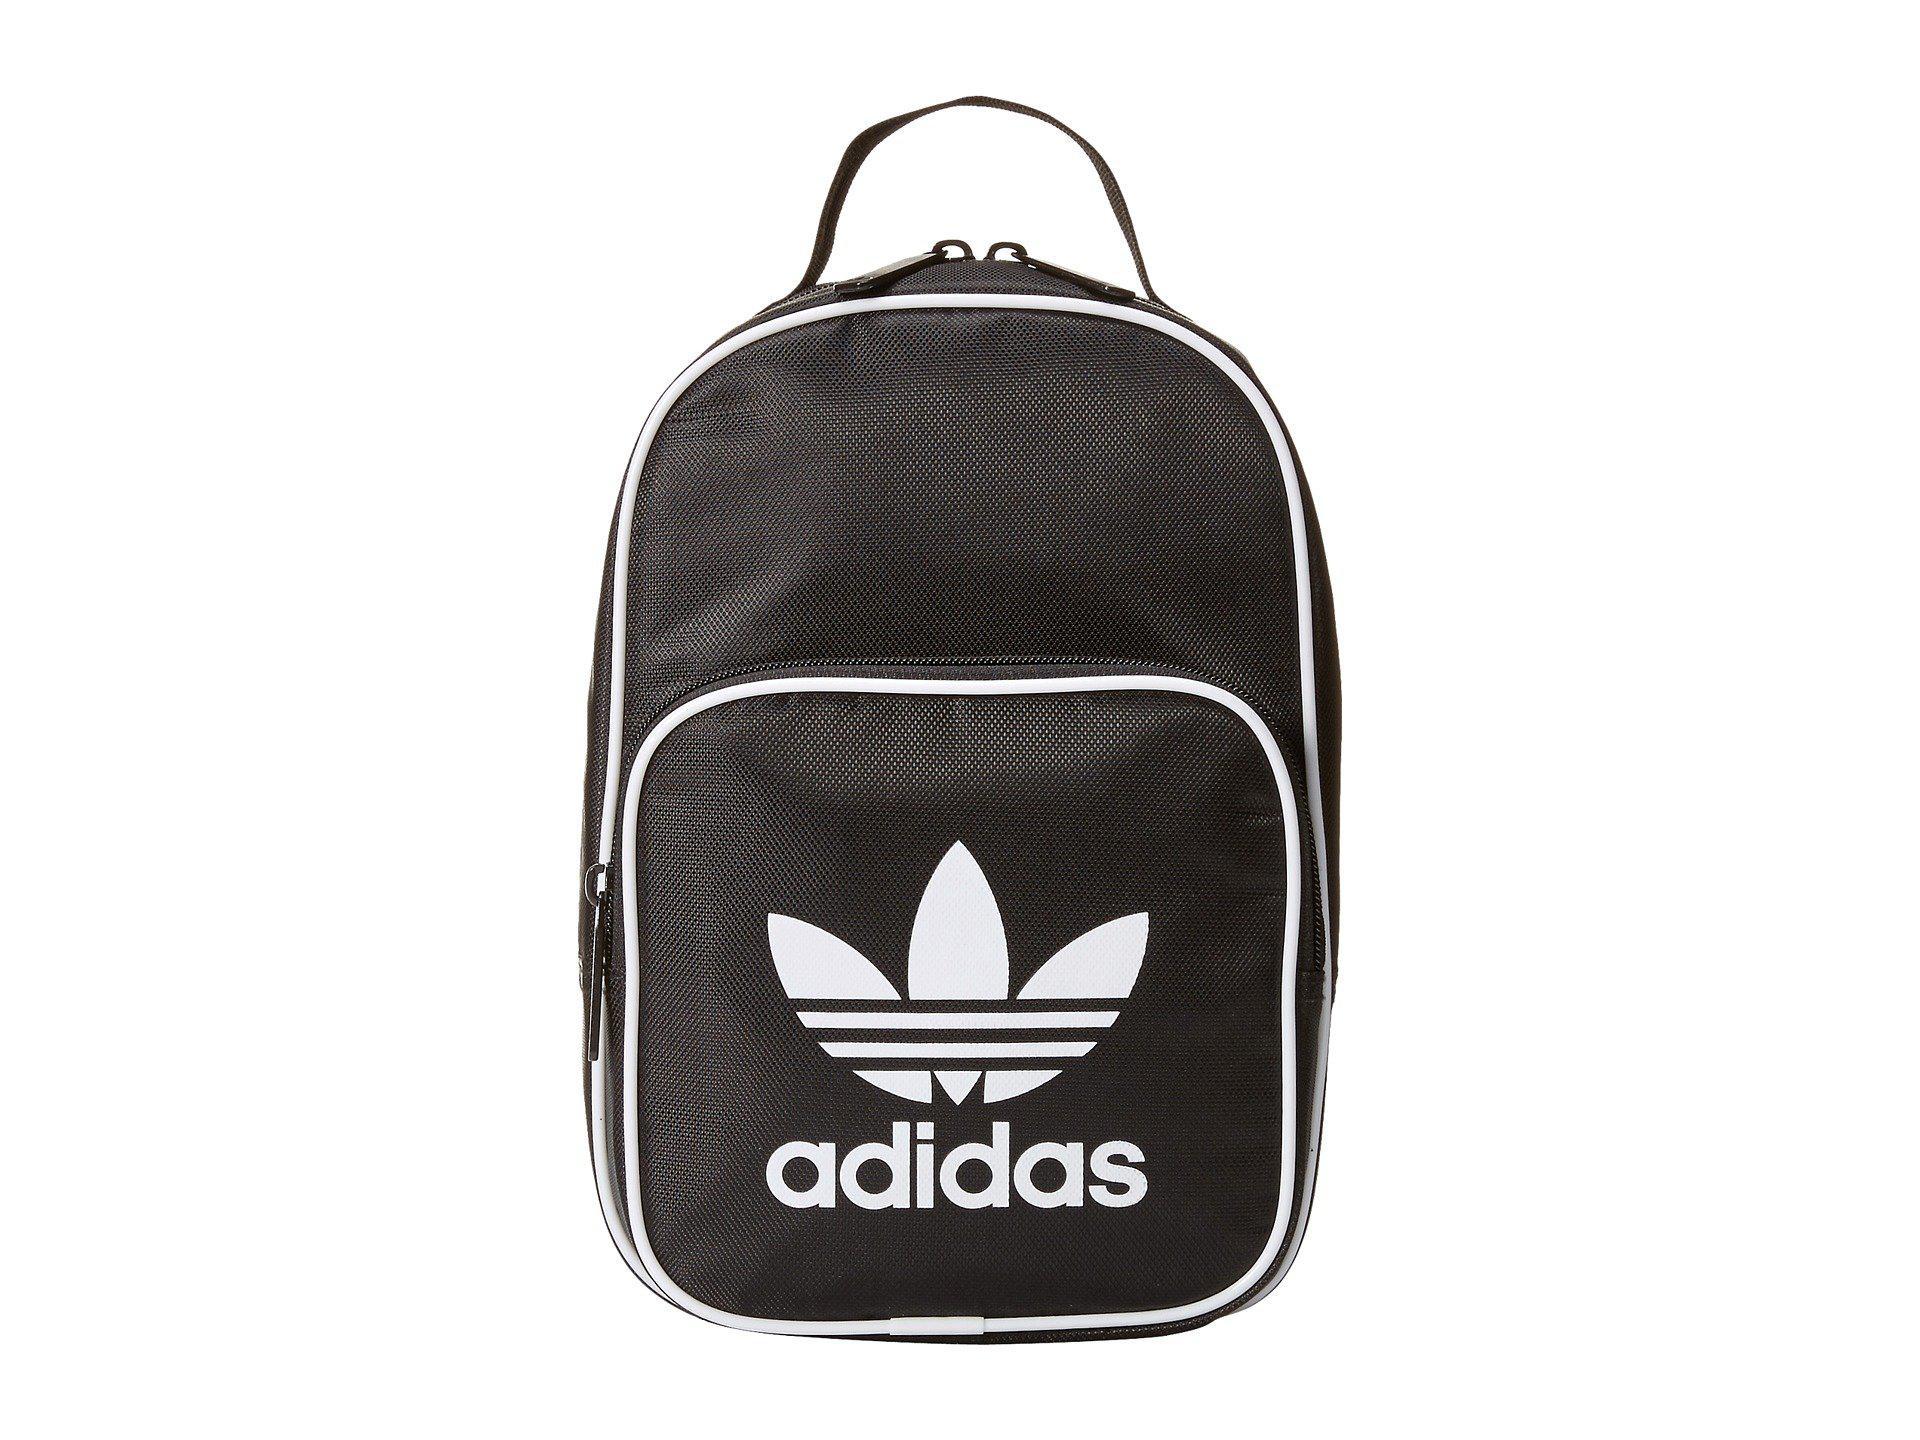 Lyst - adidas Originals Originals Santiago Lunch Bag (black) Bags in ... fda6d6d779161